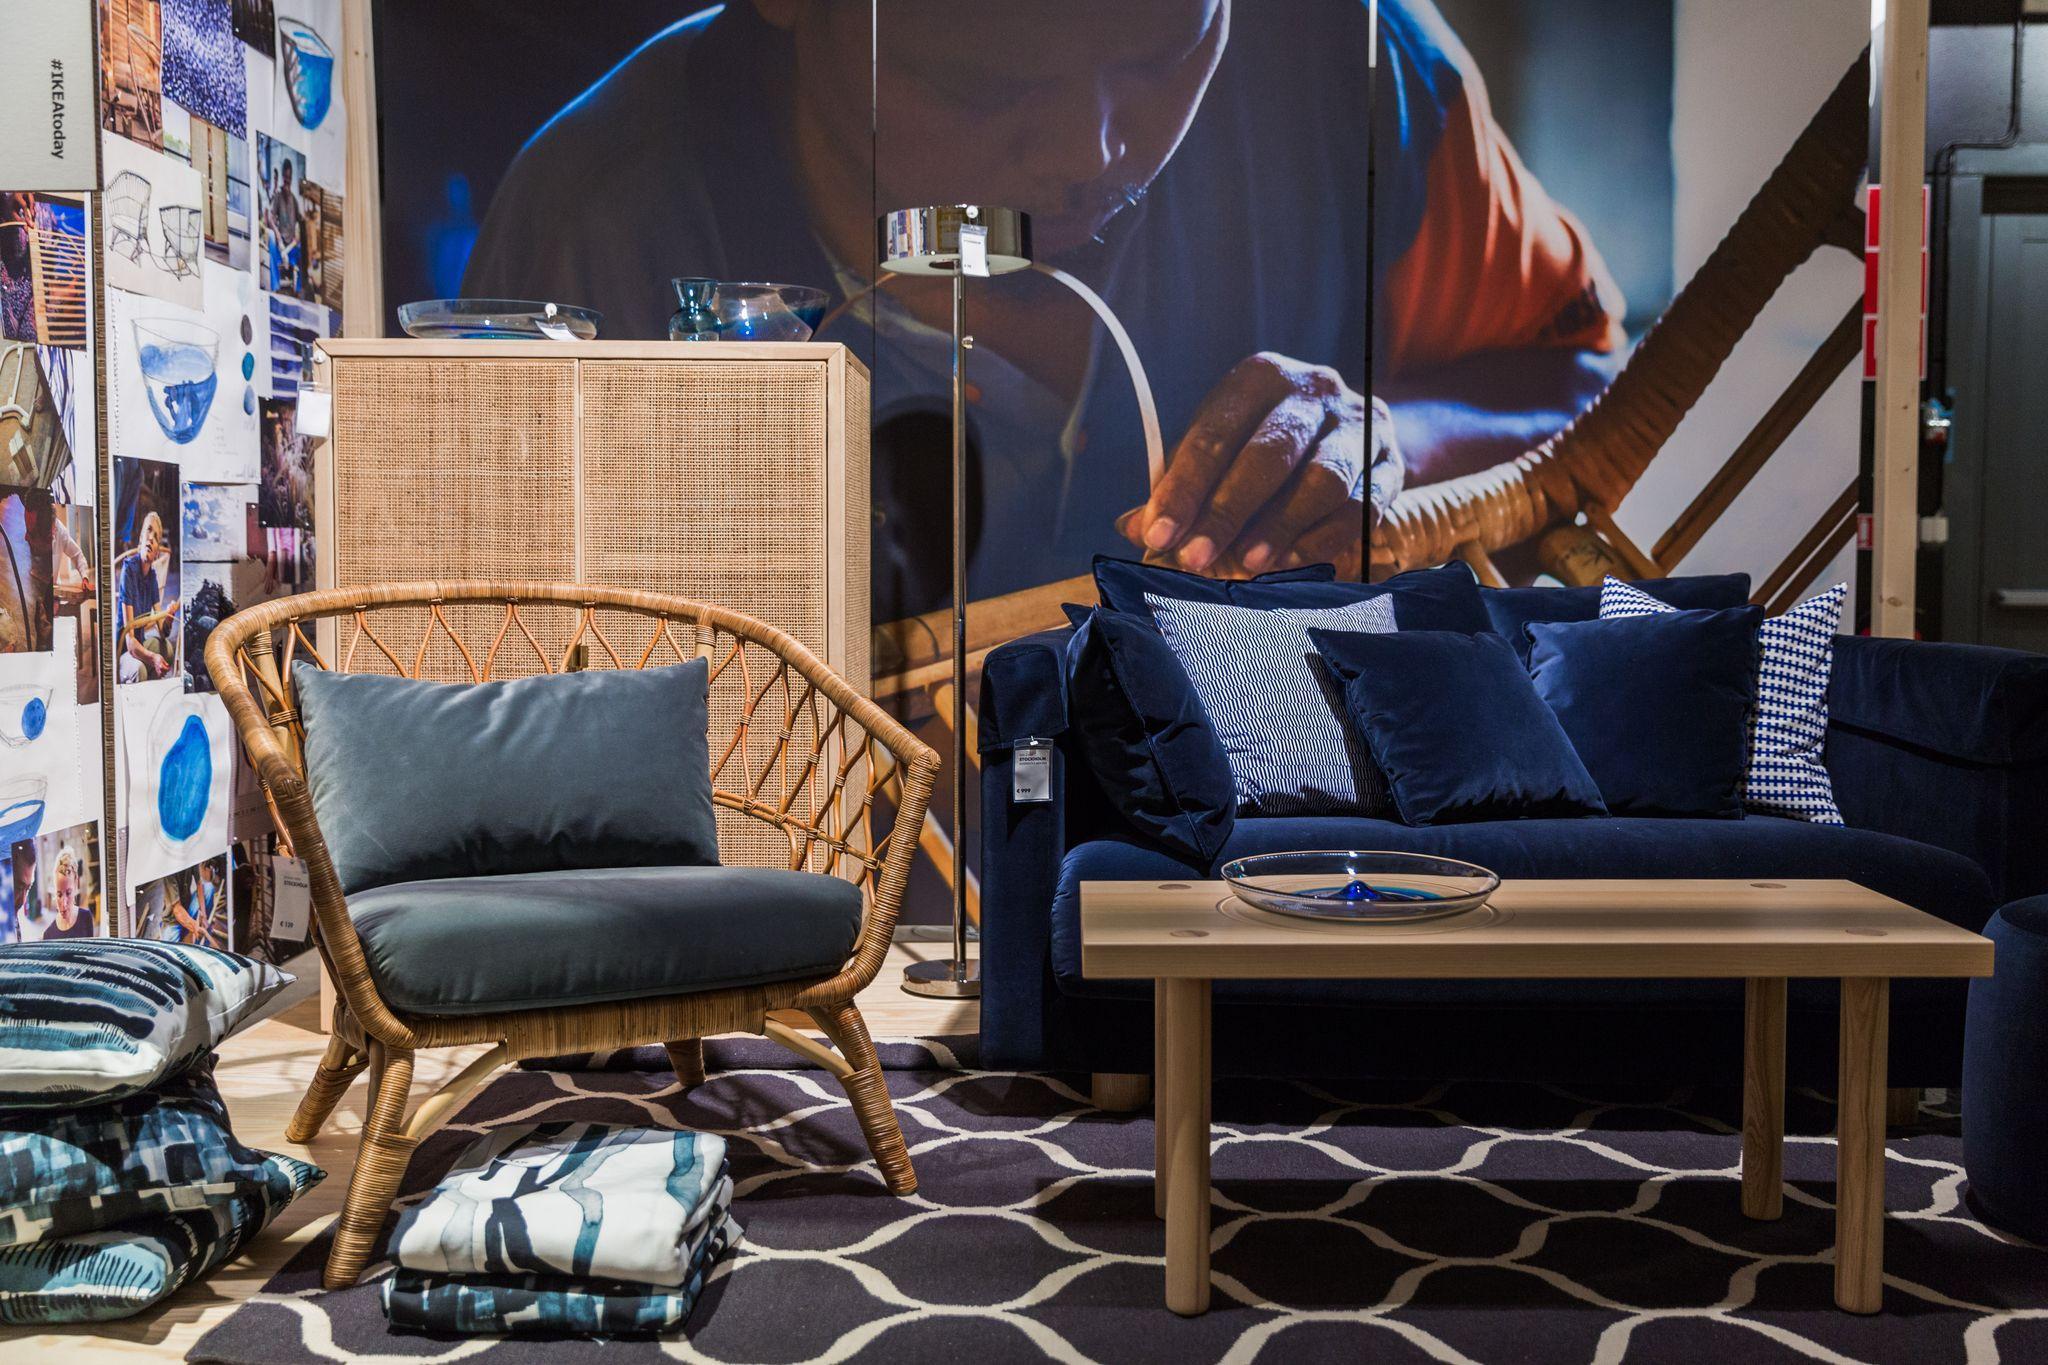 ikea les nouveaut s 2017 et 2018 en exclusivit pinterest les nouveaut s ikea et nouveaut. Black Bedroom Furniture Sets. Home Design Ideas